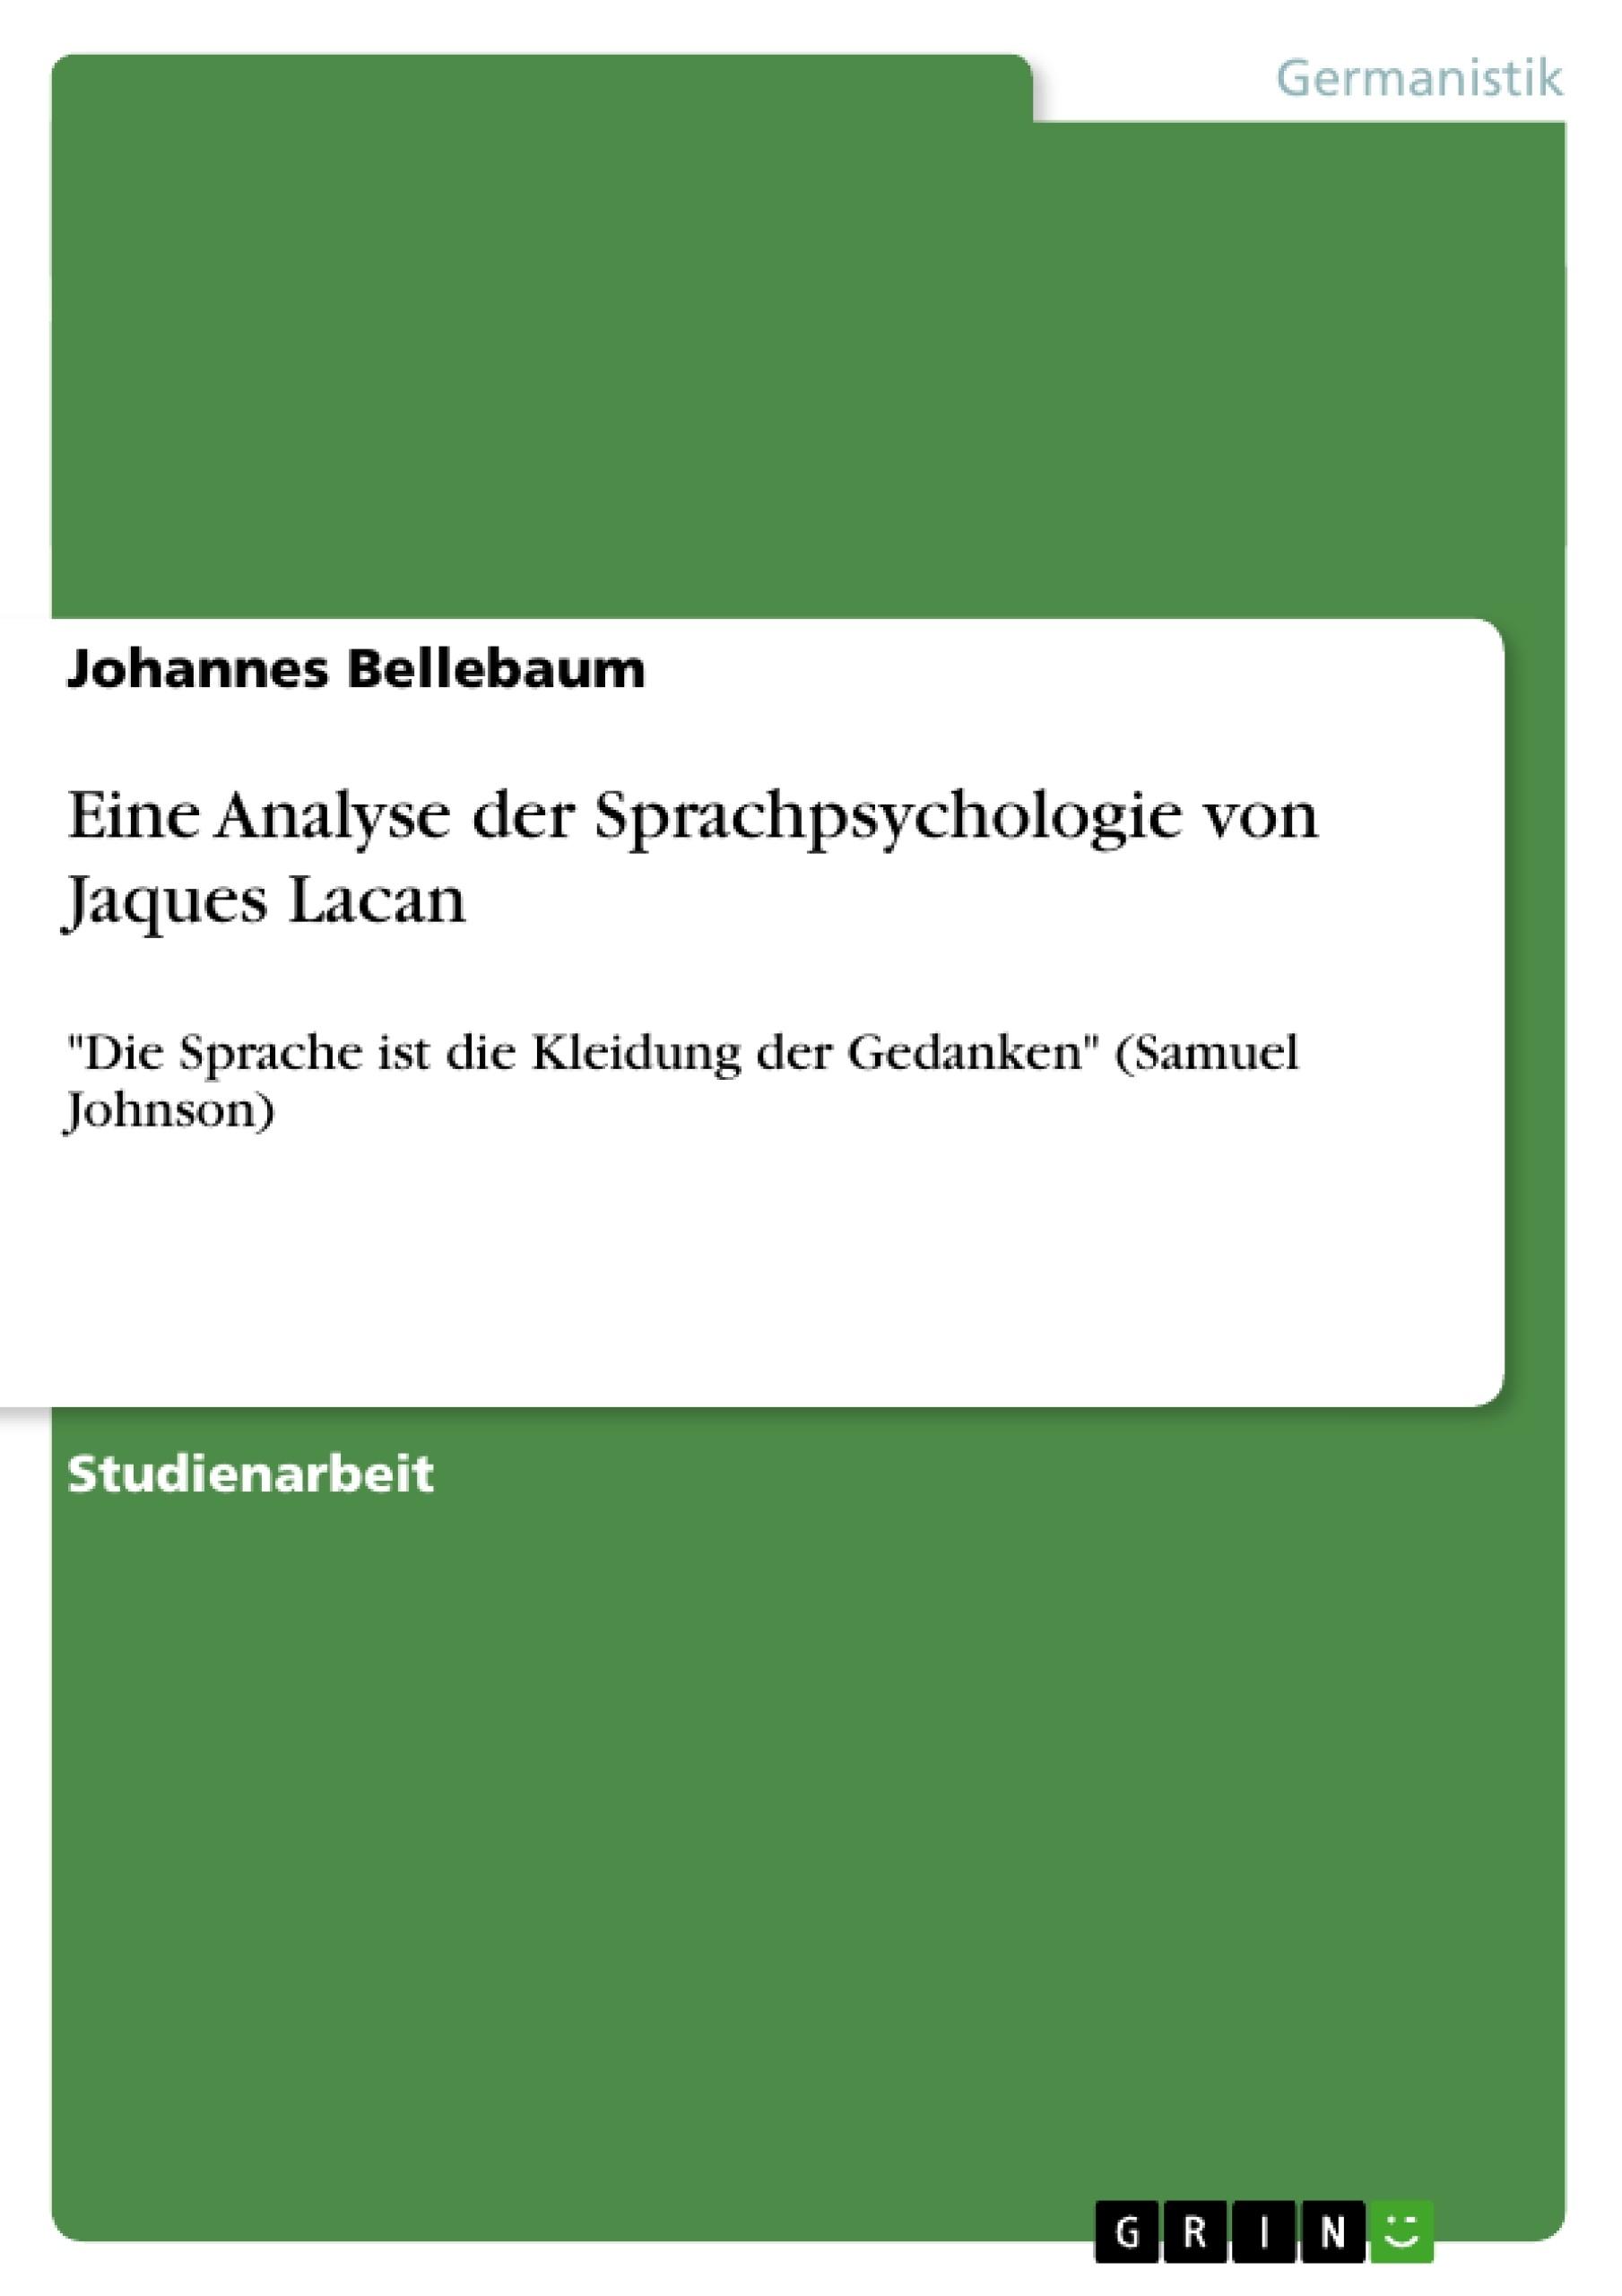 Titel: Eine Analyse der Sprachpsychologie von Jaques Lacan